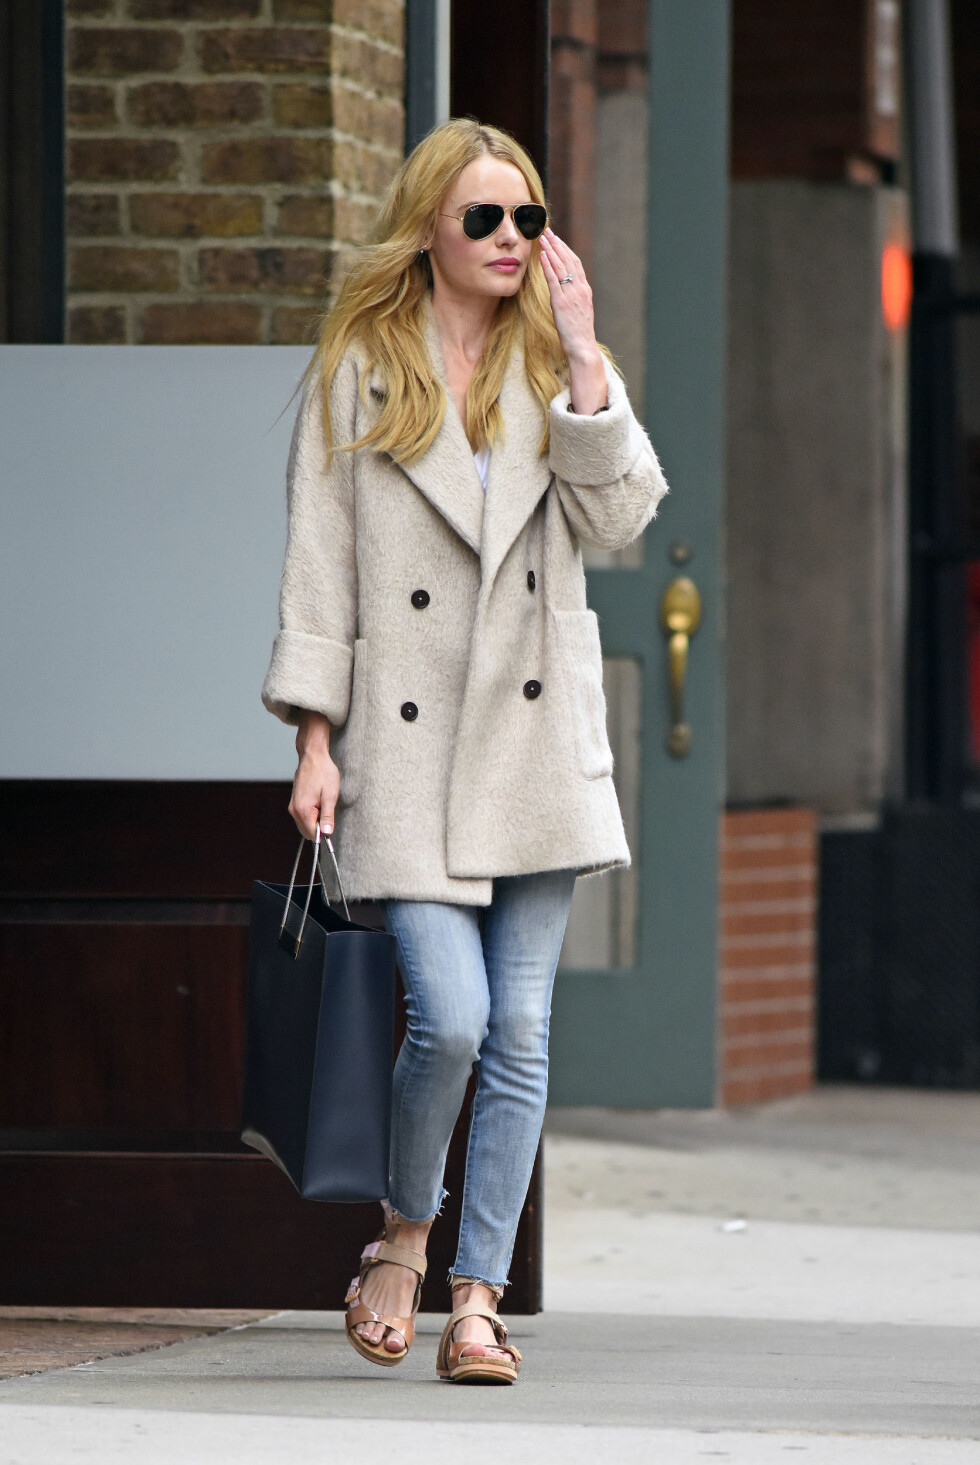 <strong>SLIK SER HØSTENS IT-JEANS UT:</strong> Skuespiller Kate Bosworth har kastet seg på trenden med å gå i jeans som er klippet rett over nederst. Foto: PacificCoastNews/All Over Press